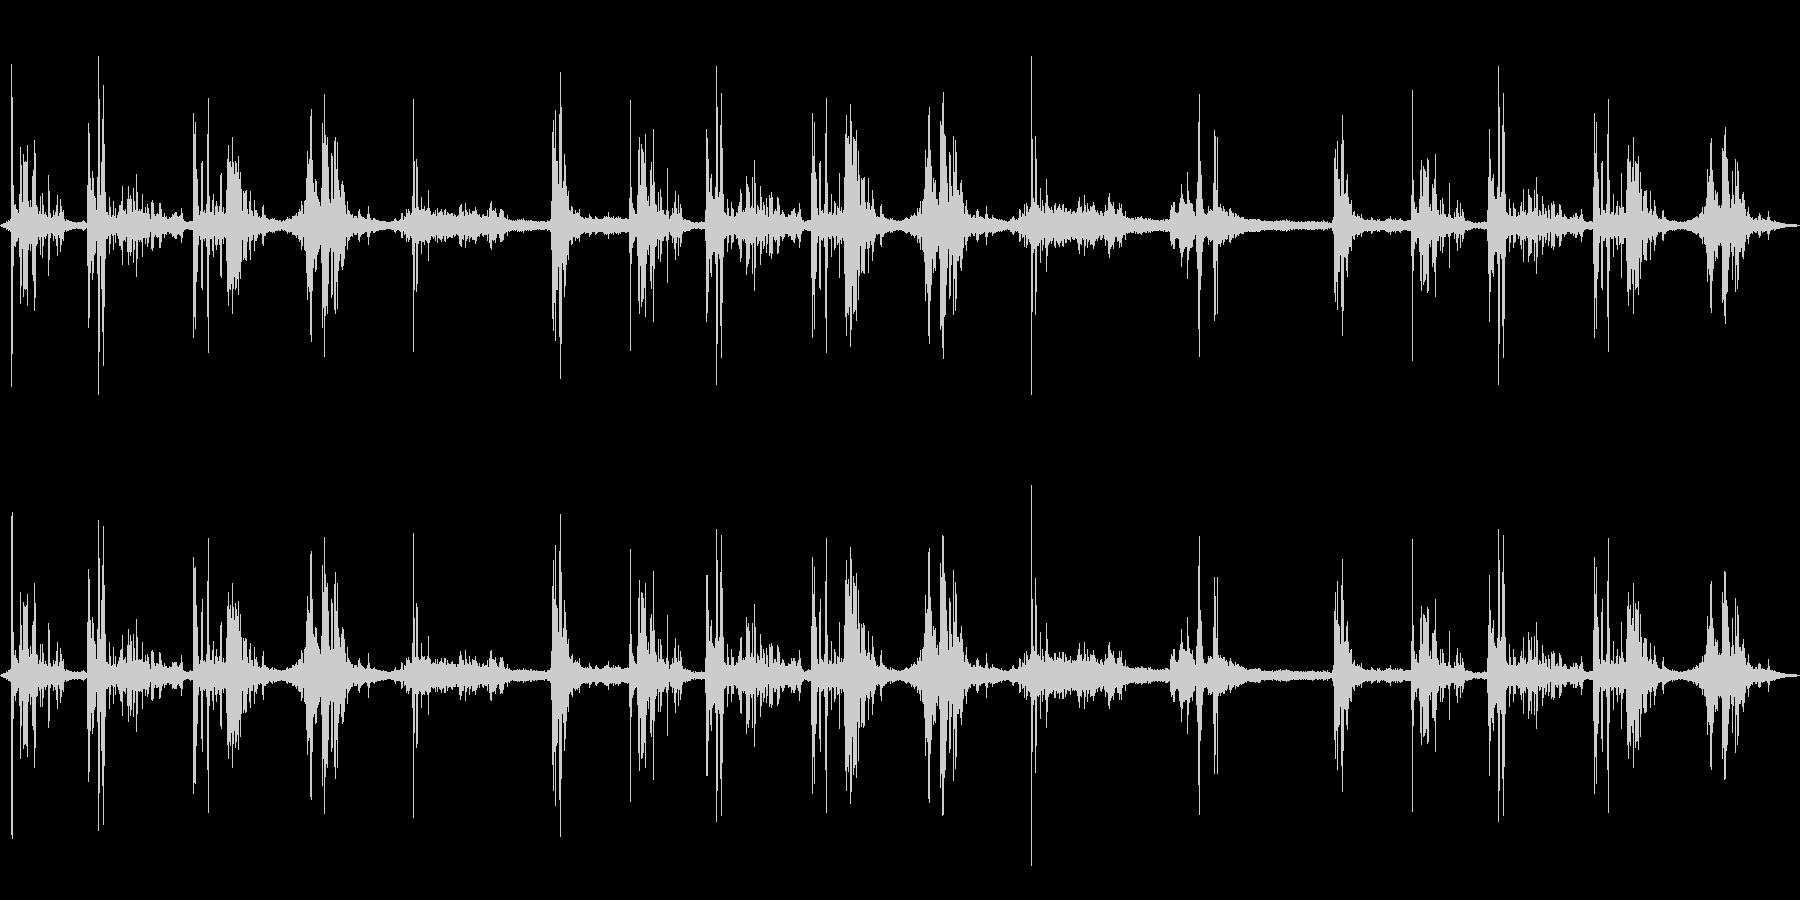 ゴロゴロゴロ…ドカンッ!…(雷の音)の未再生の波形